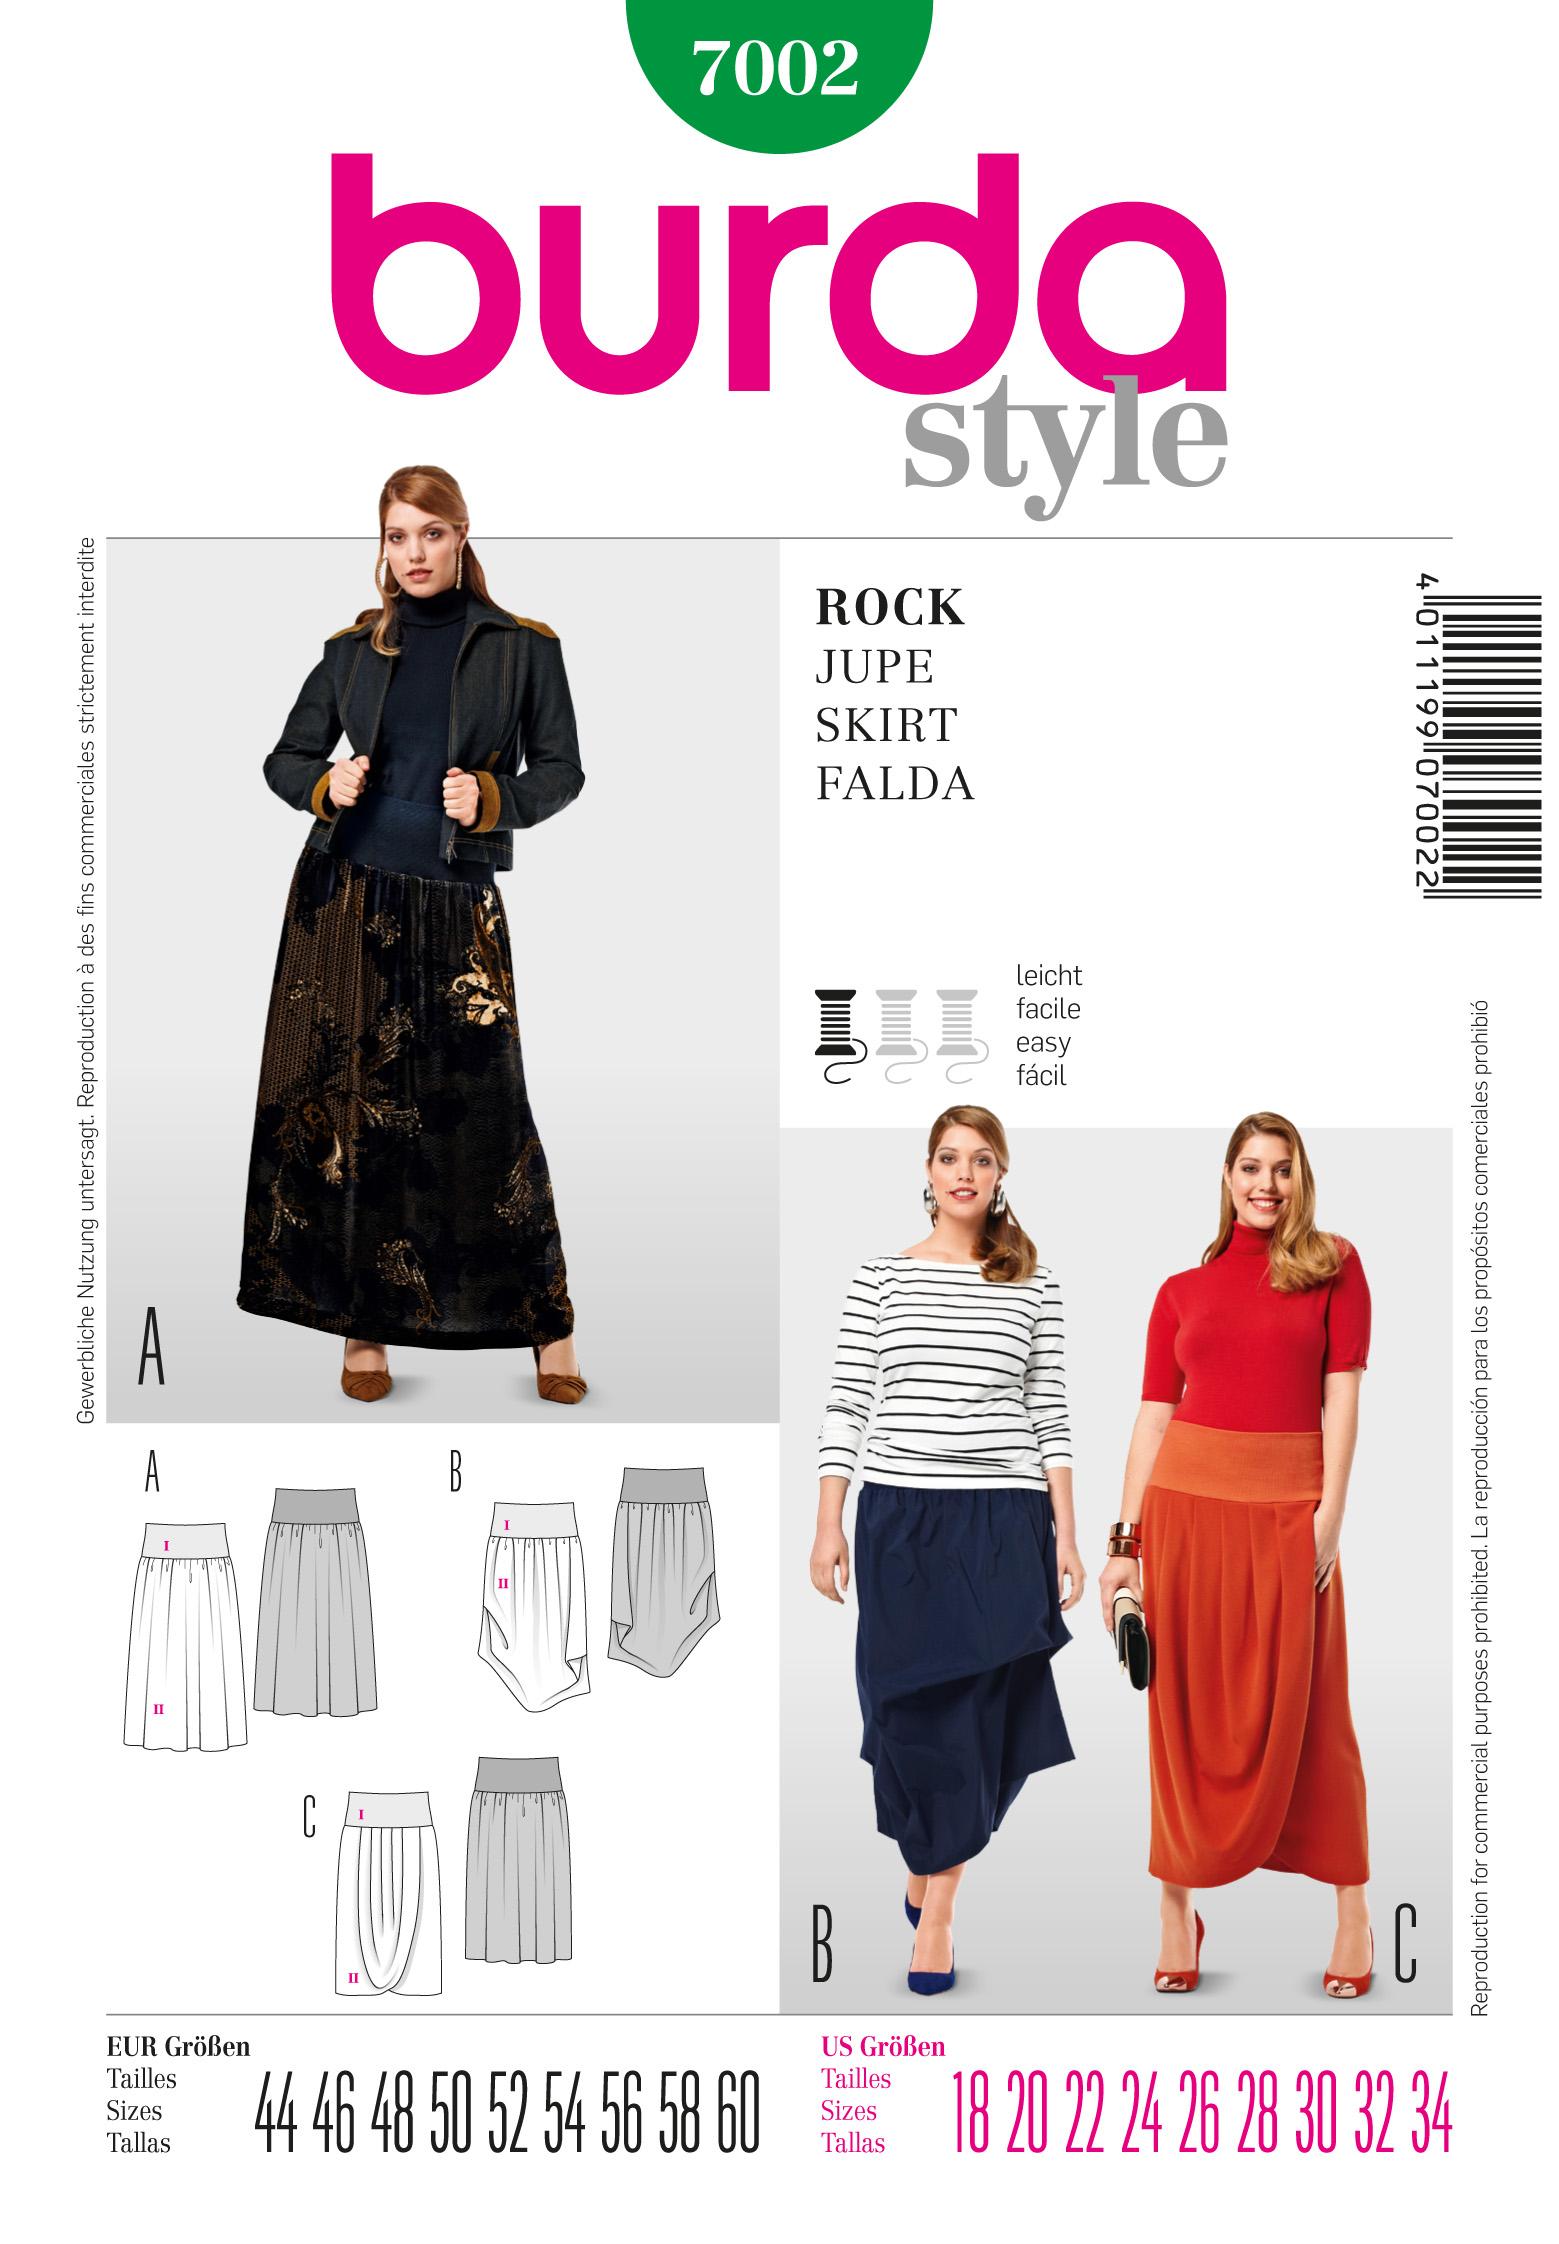 Burda Skirt 7002